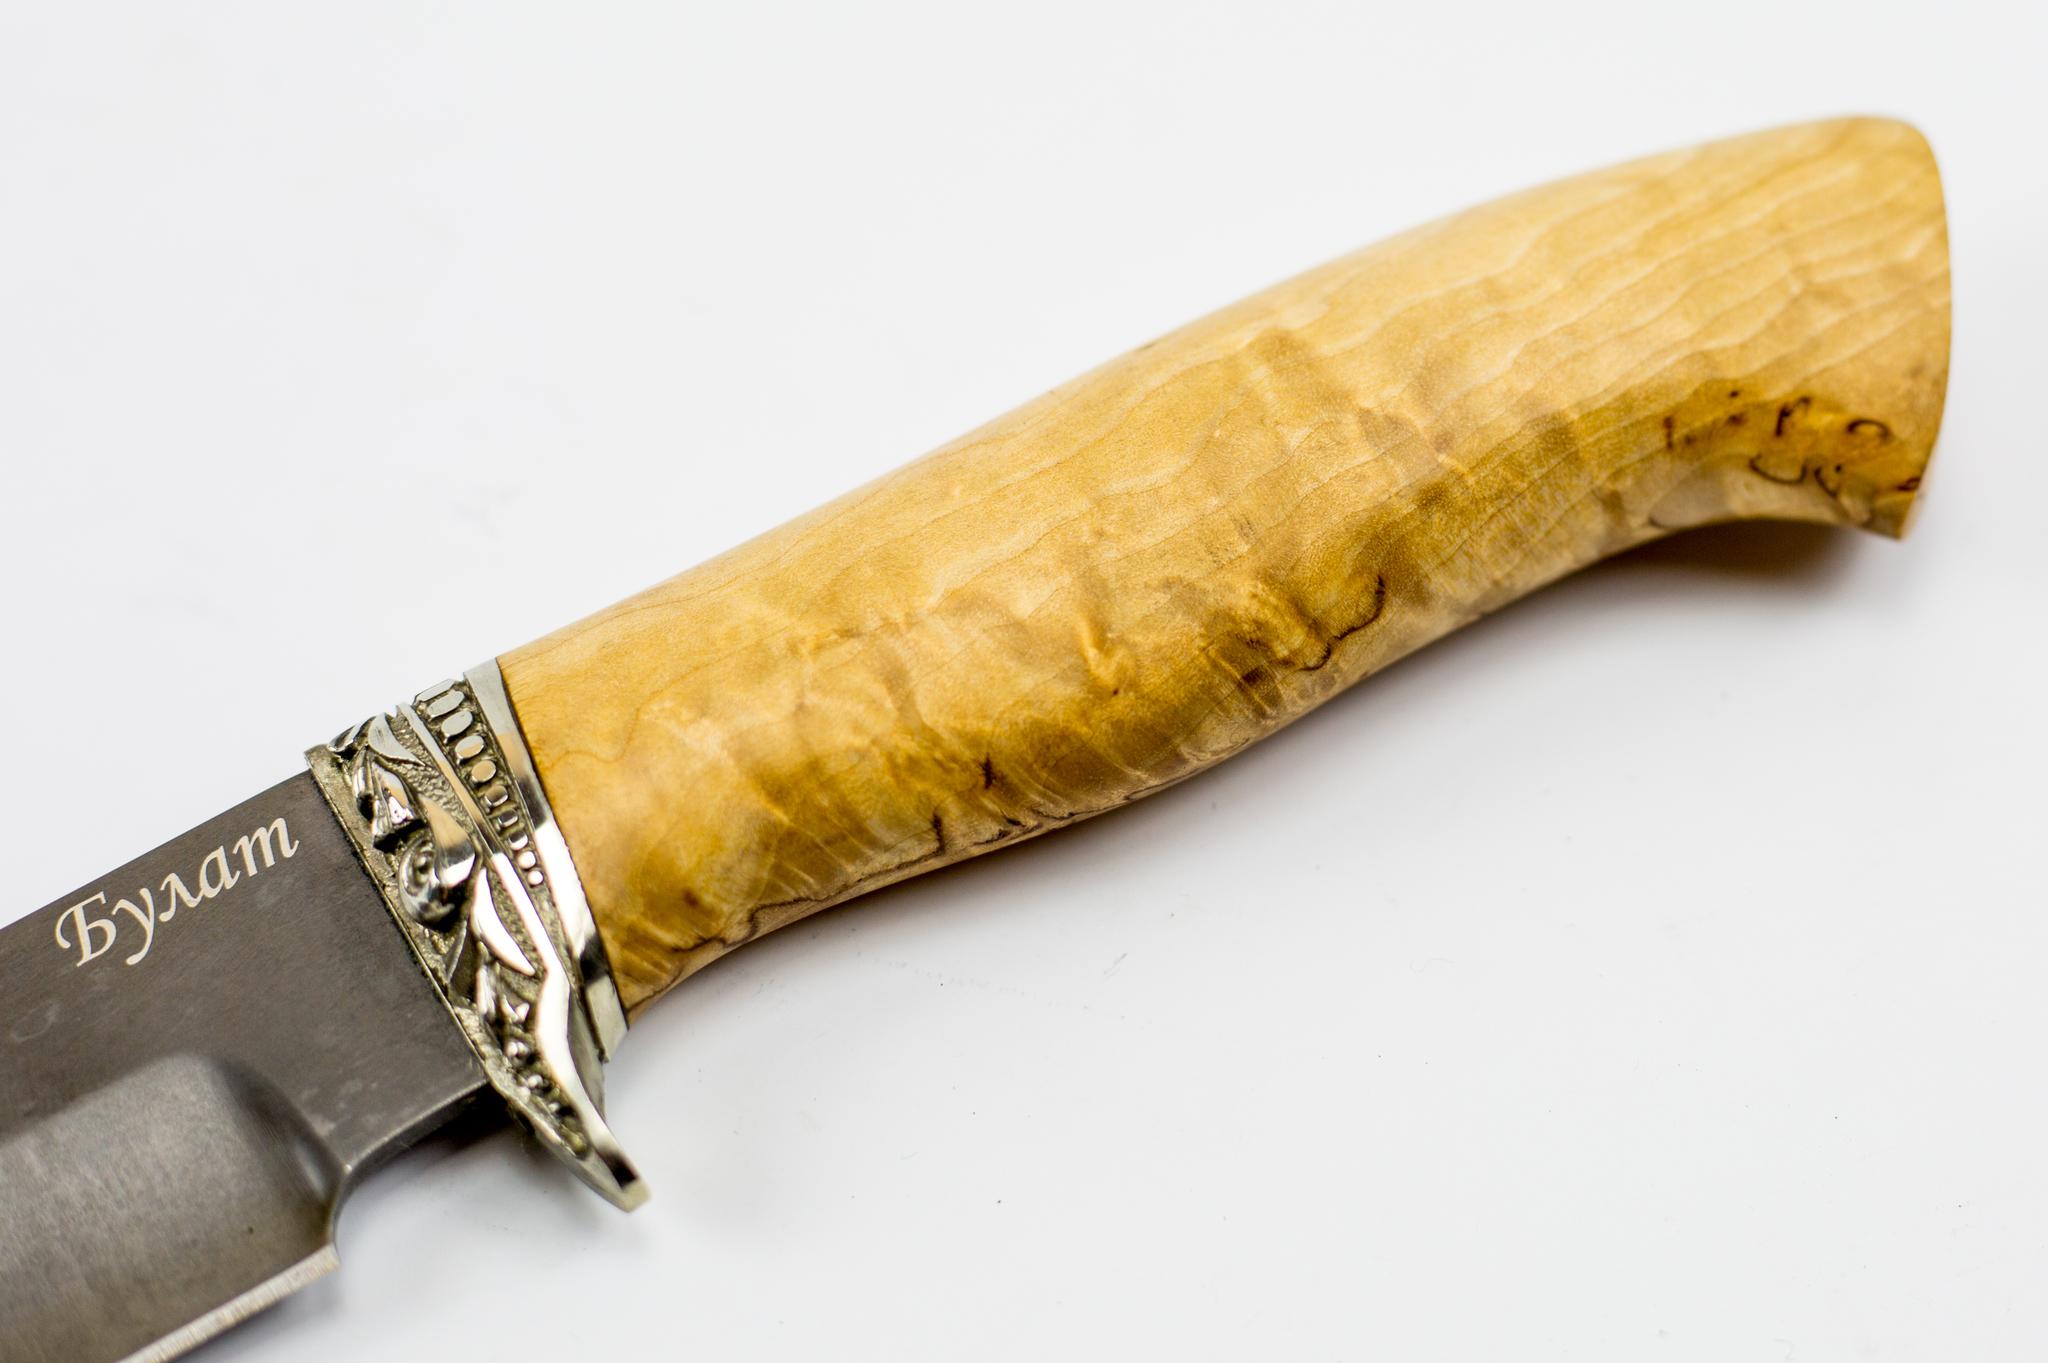 Фото 2 - Хищник-2 булат, карельская береза от Промтехснаб